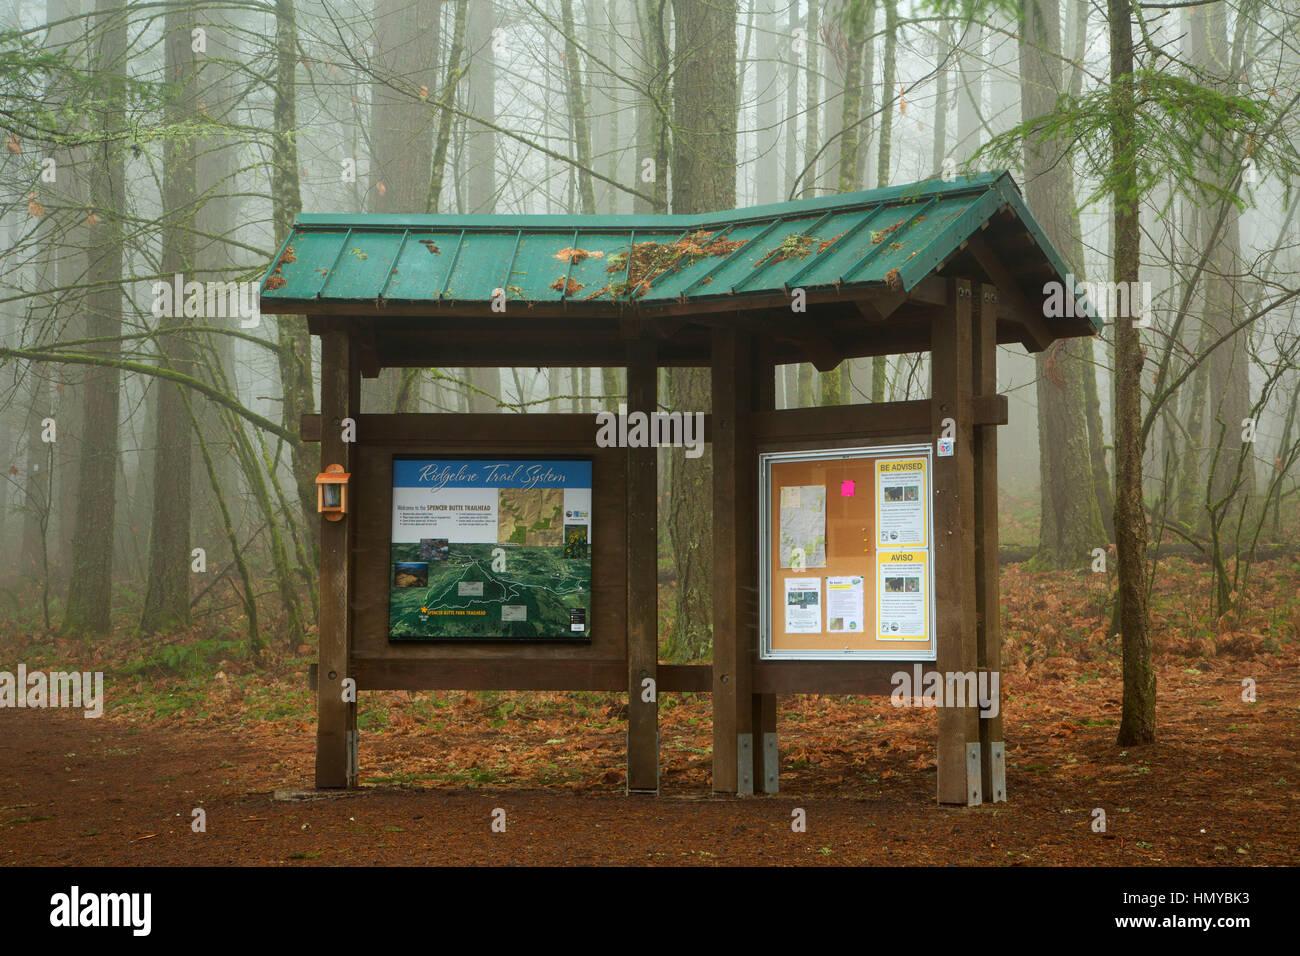 Kiosk At The Park Stock Photos & Kiosk At The Park Stock